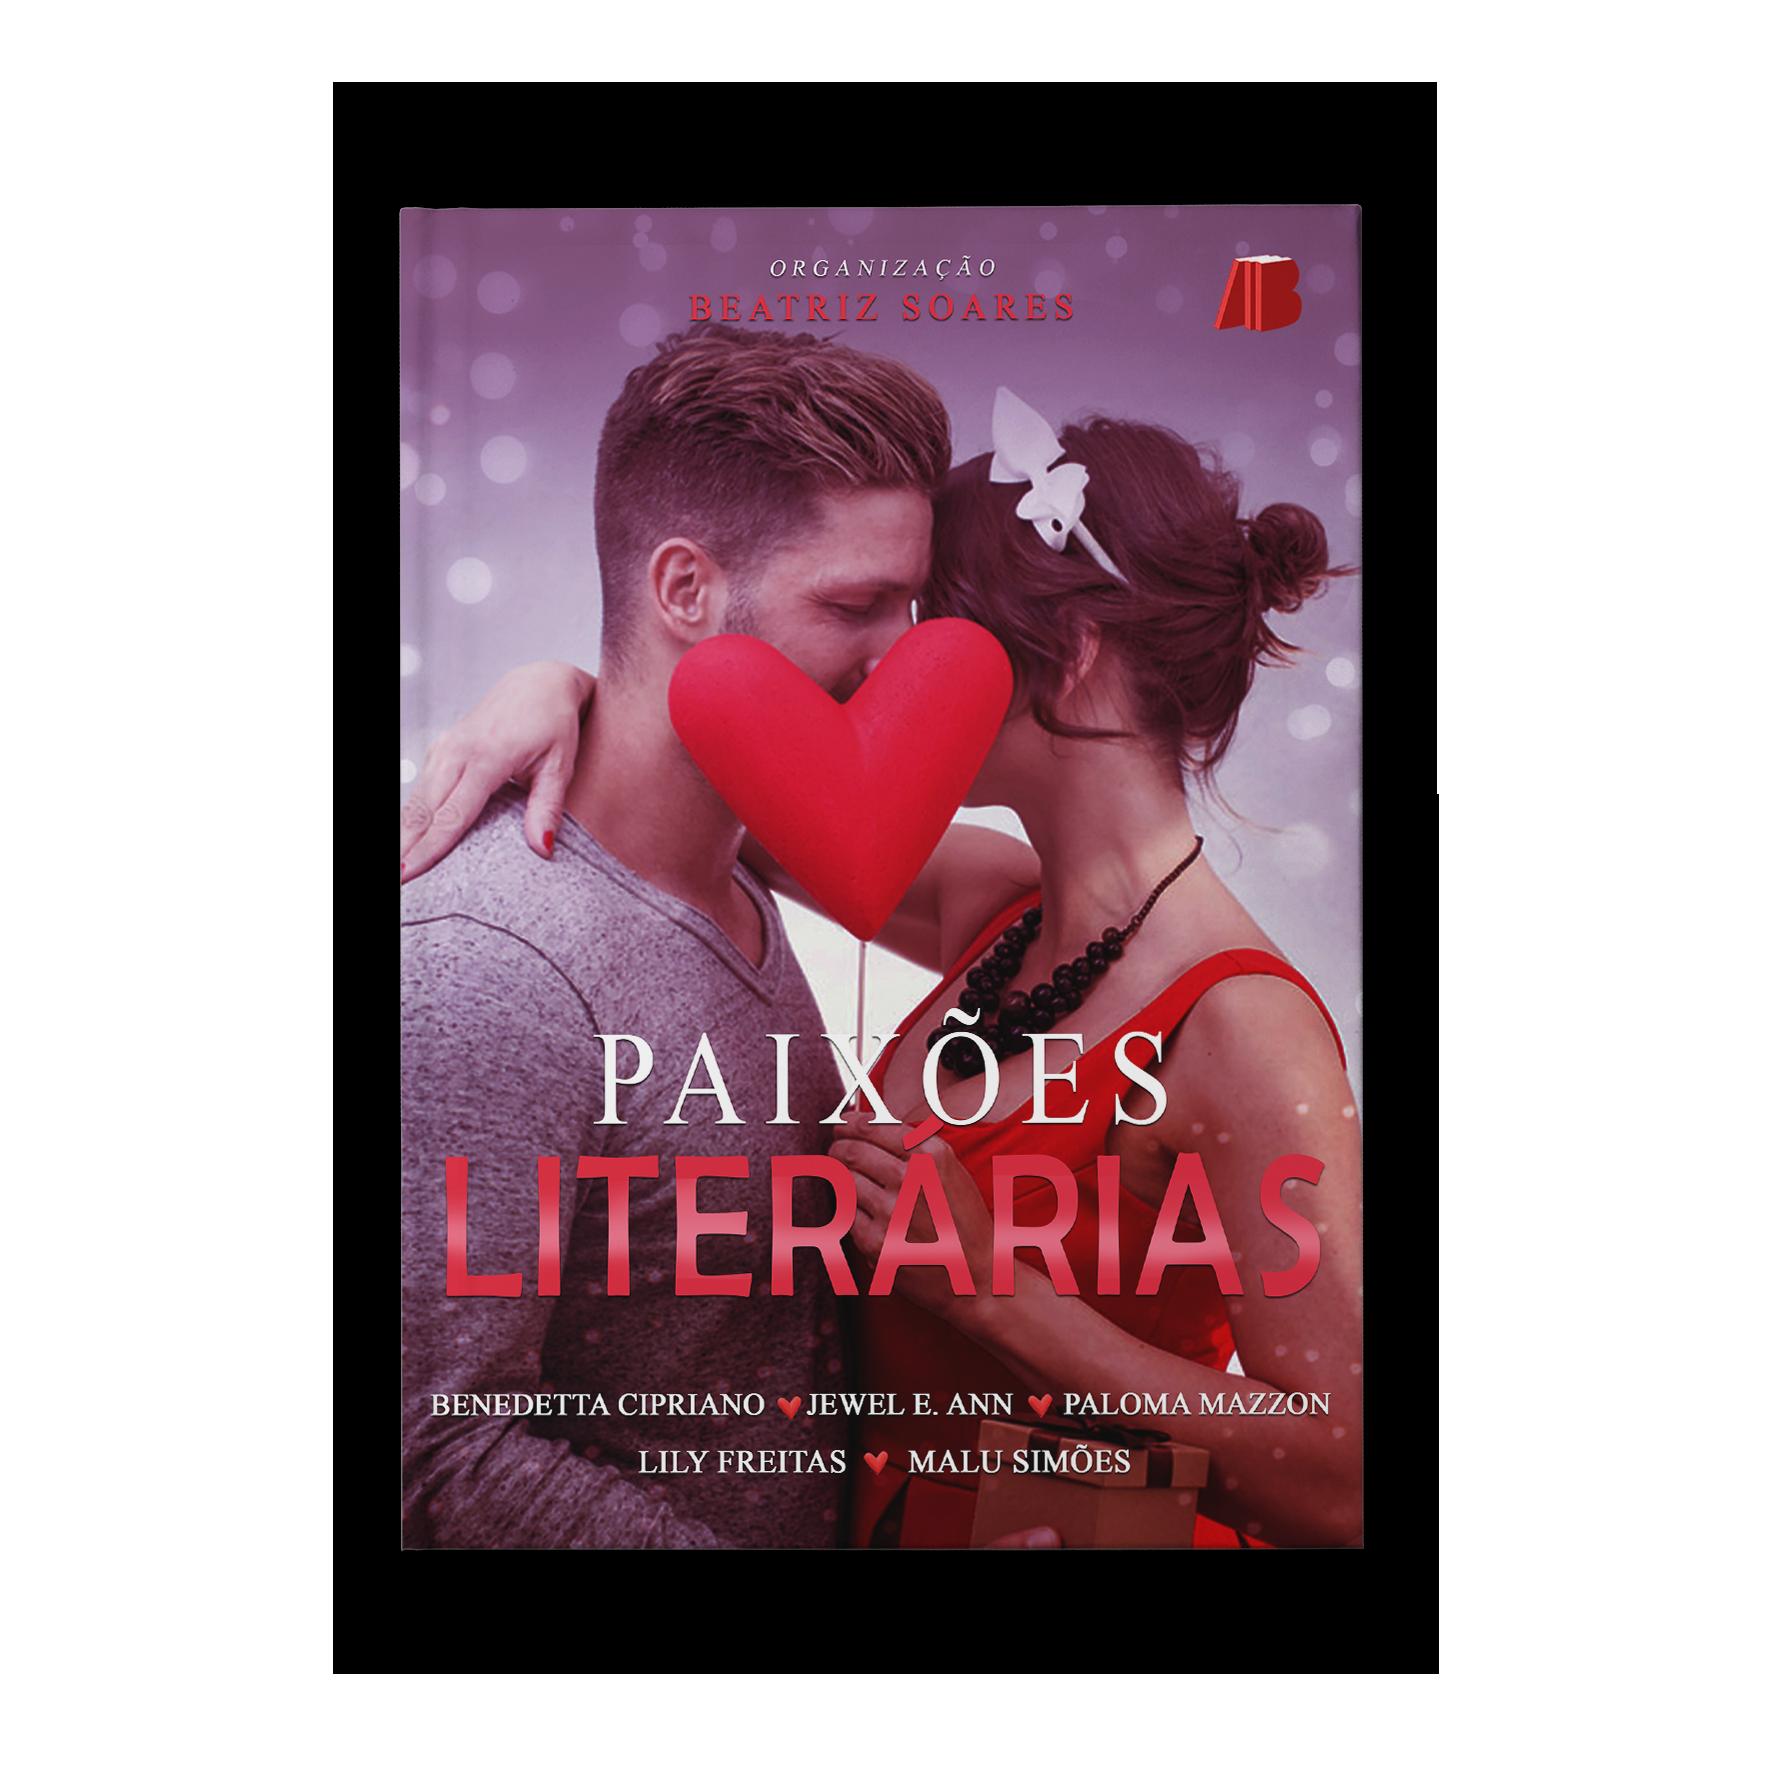 Paixões literárias – autores diversos